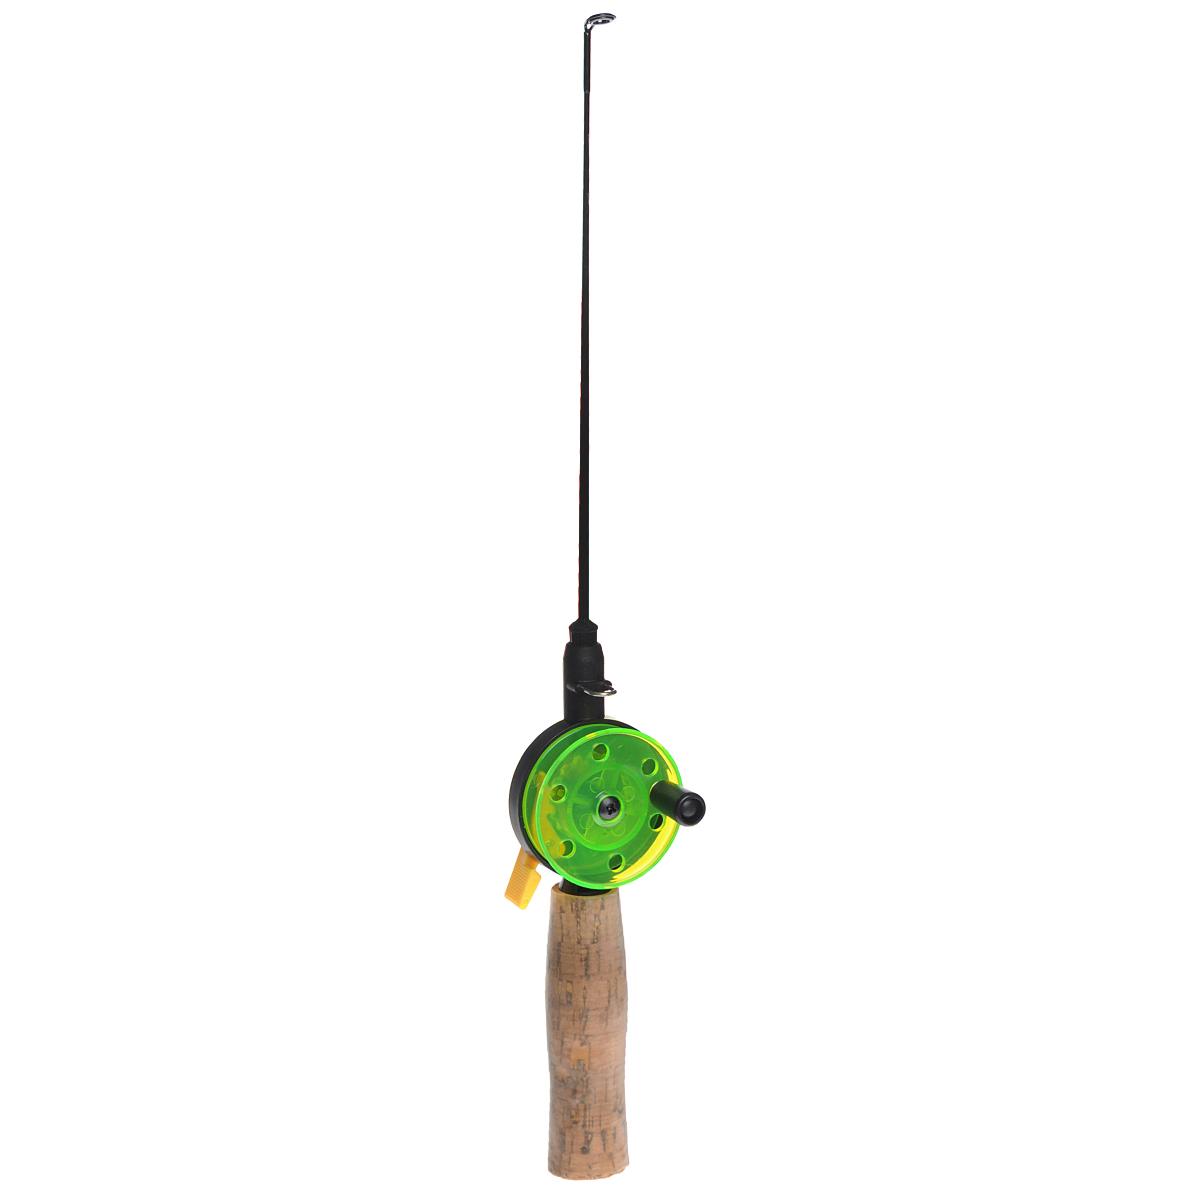 Удочка зимняя SWD HR106A, цвет: черный, зеленый, 37 см211-11210Зимняя удочка SWD HR106A с открытой катушкой диаметром 54 мм и клавишным стопором. Пластиковый хлыст длиной 21 см укомплектован тюльпаном. Ручка длиной 100 мм выполнена из пробки.